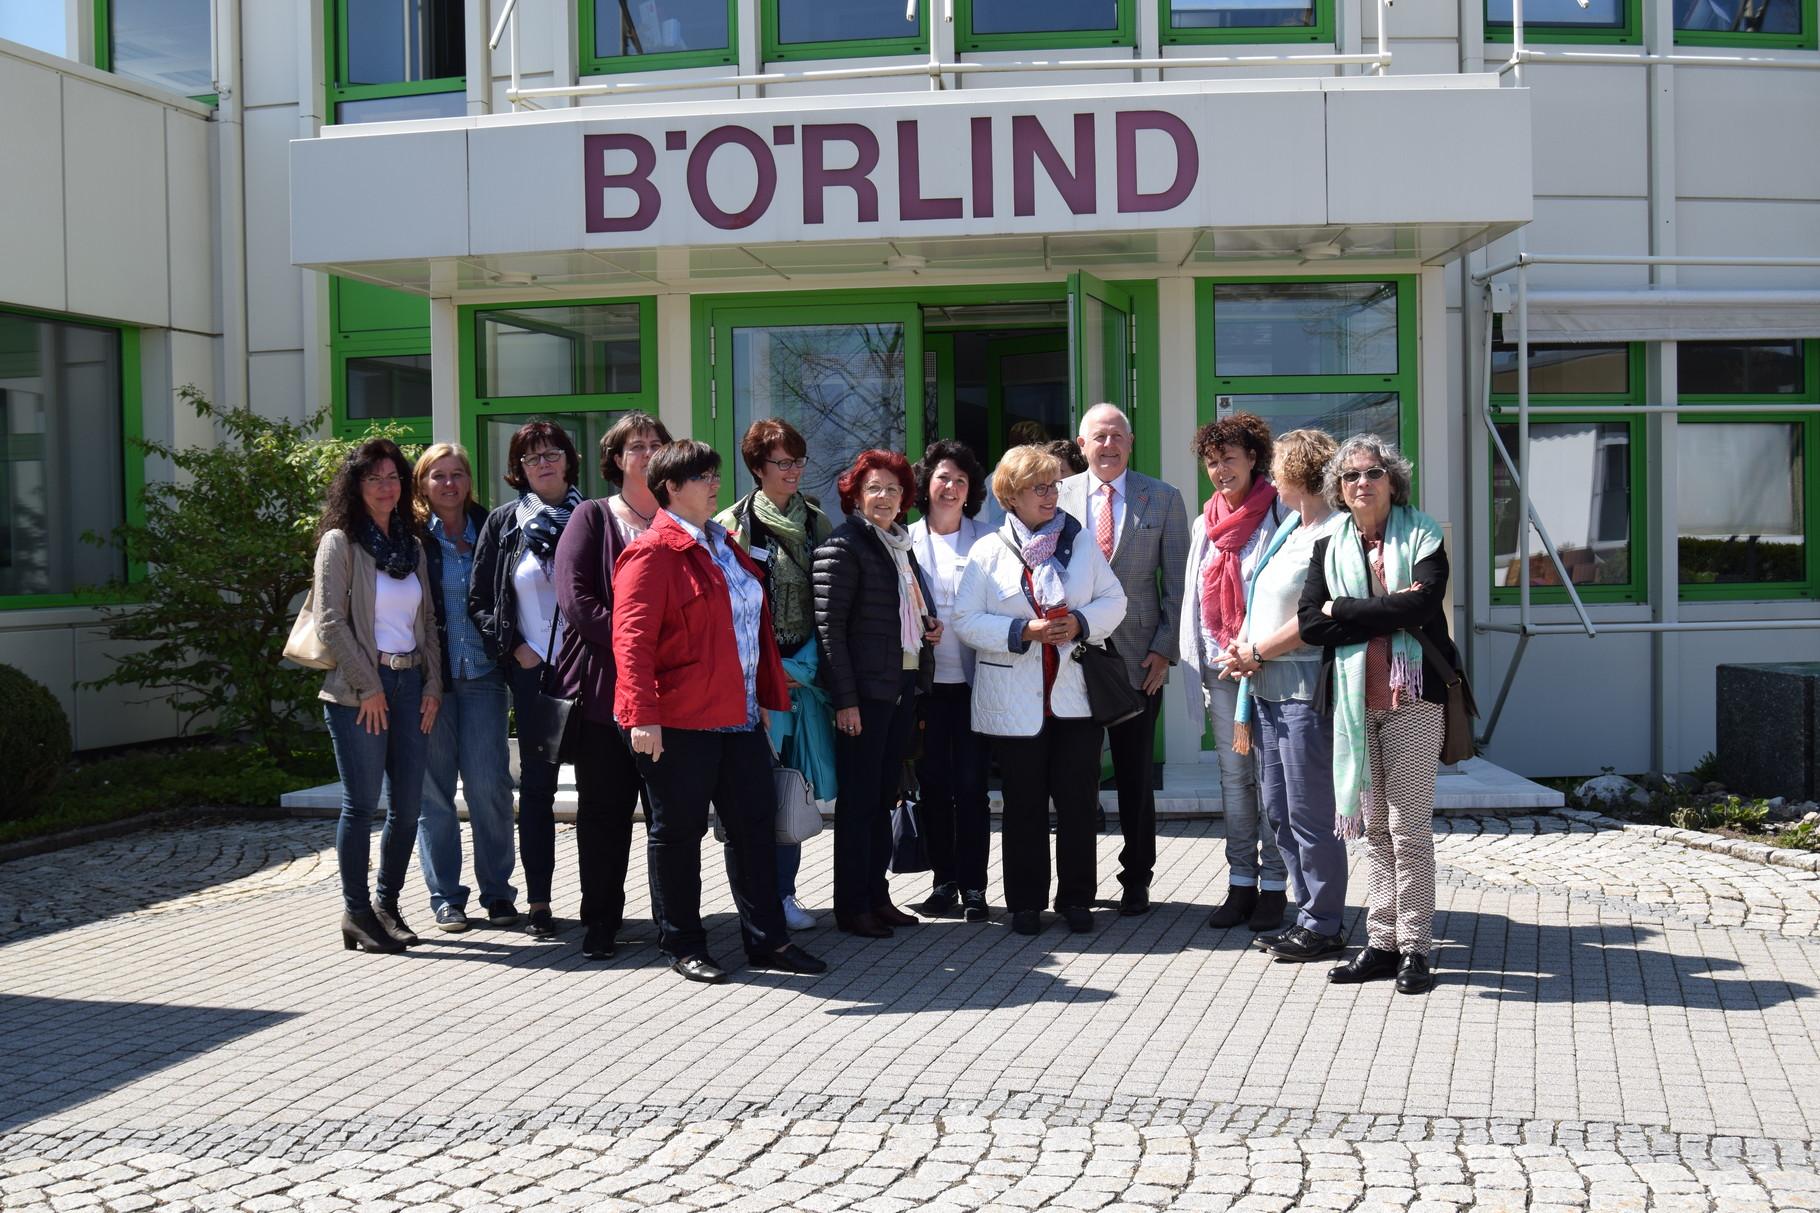 ufh Forum 04-16 Vor dem Eingang zu Börlind Naturkosmetik